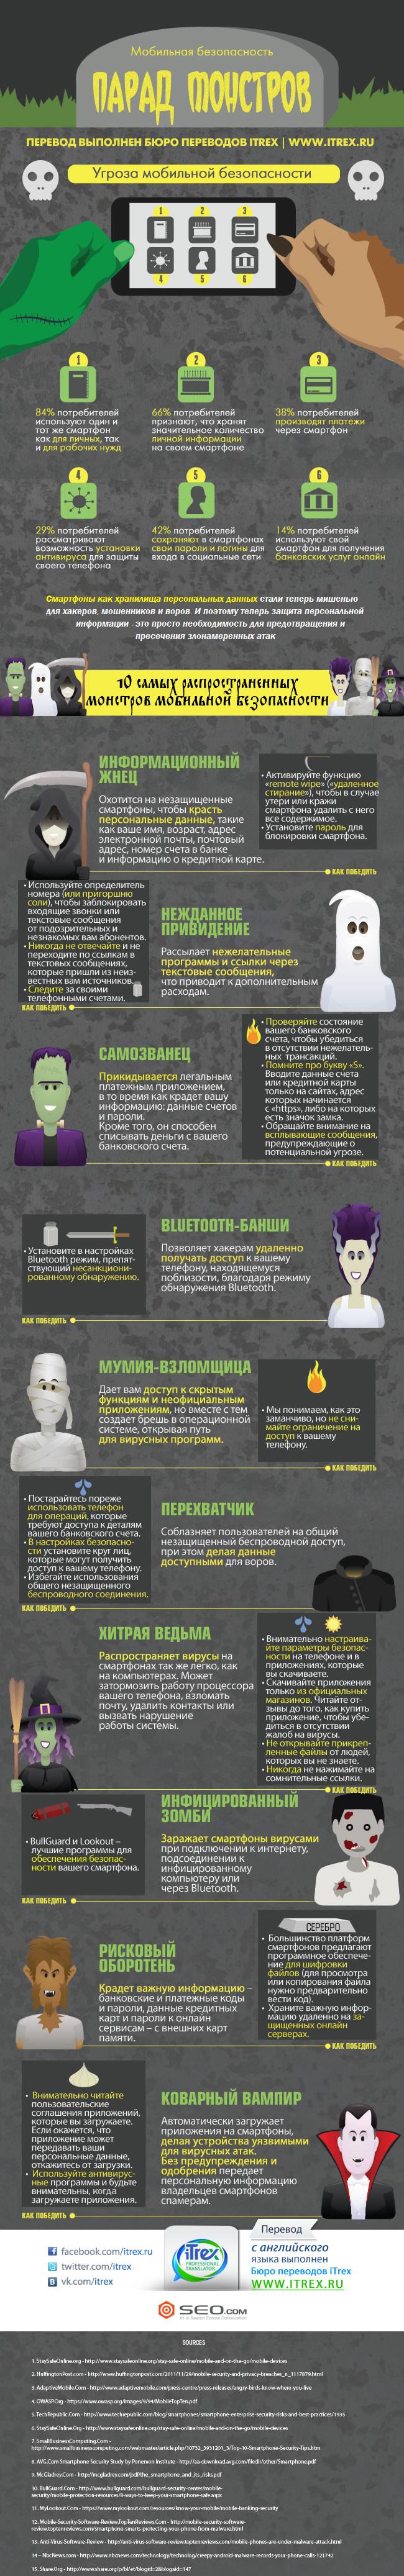 Опасности мобильных телефонов и смартфонов (1 картинка)